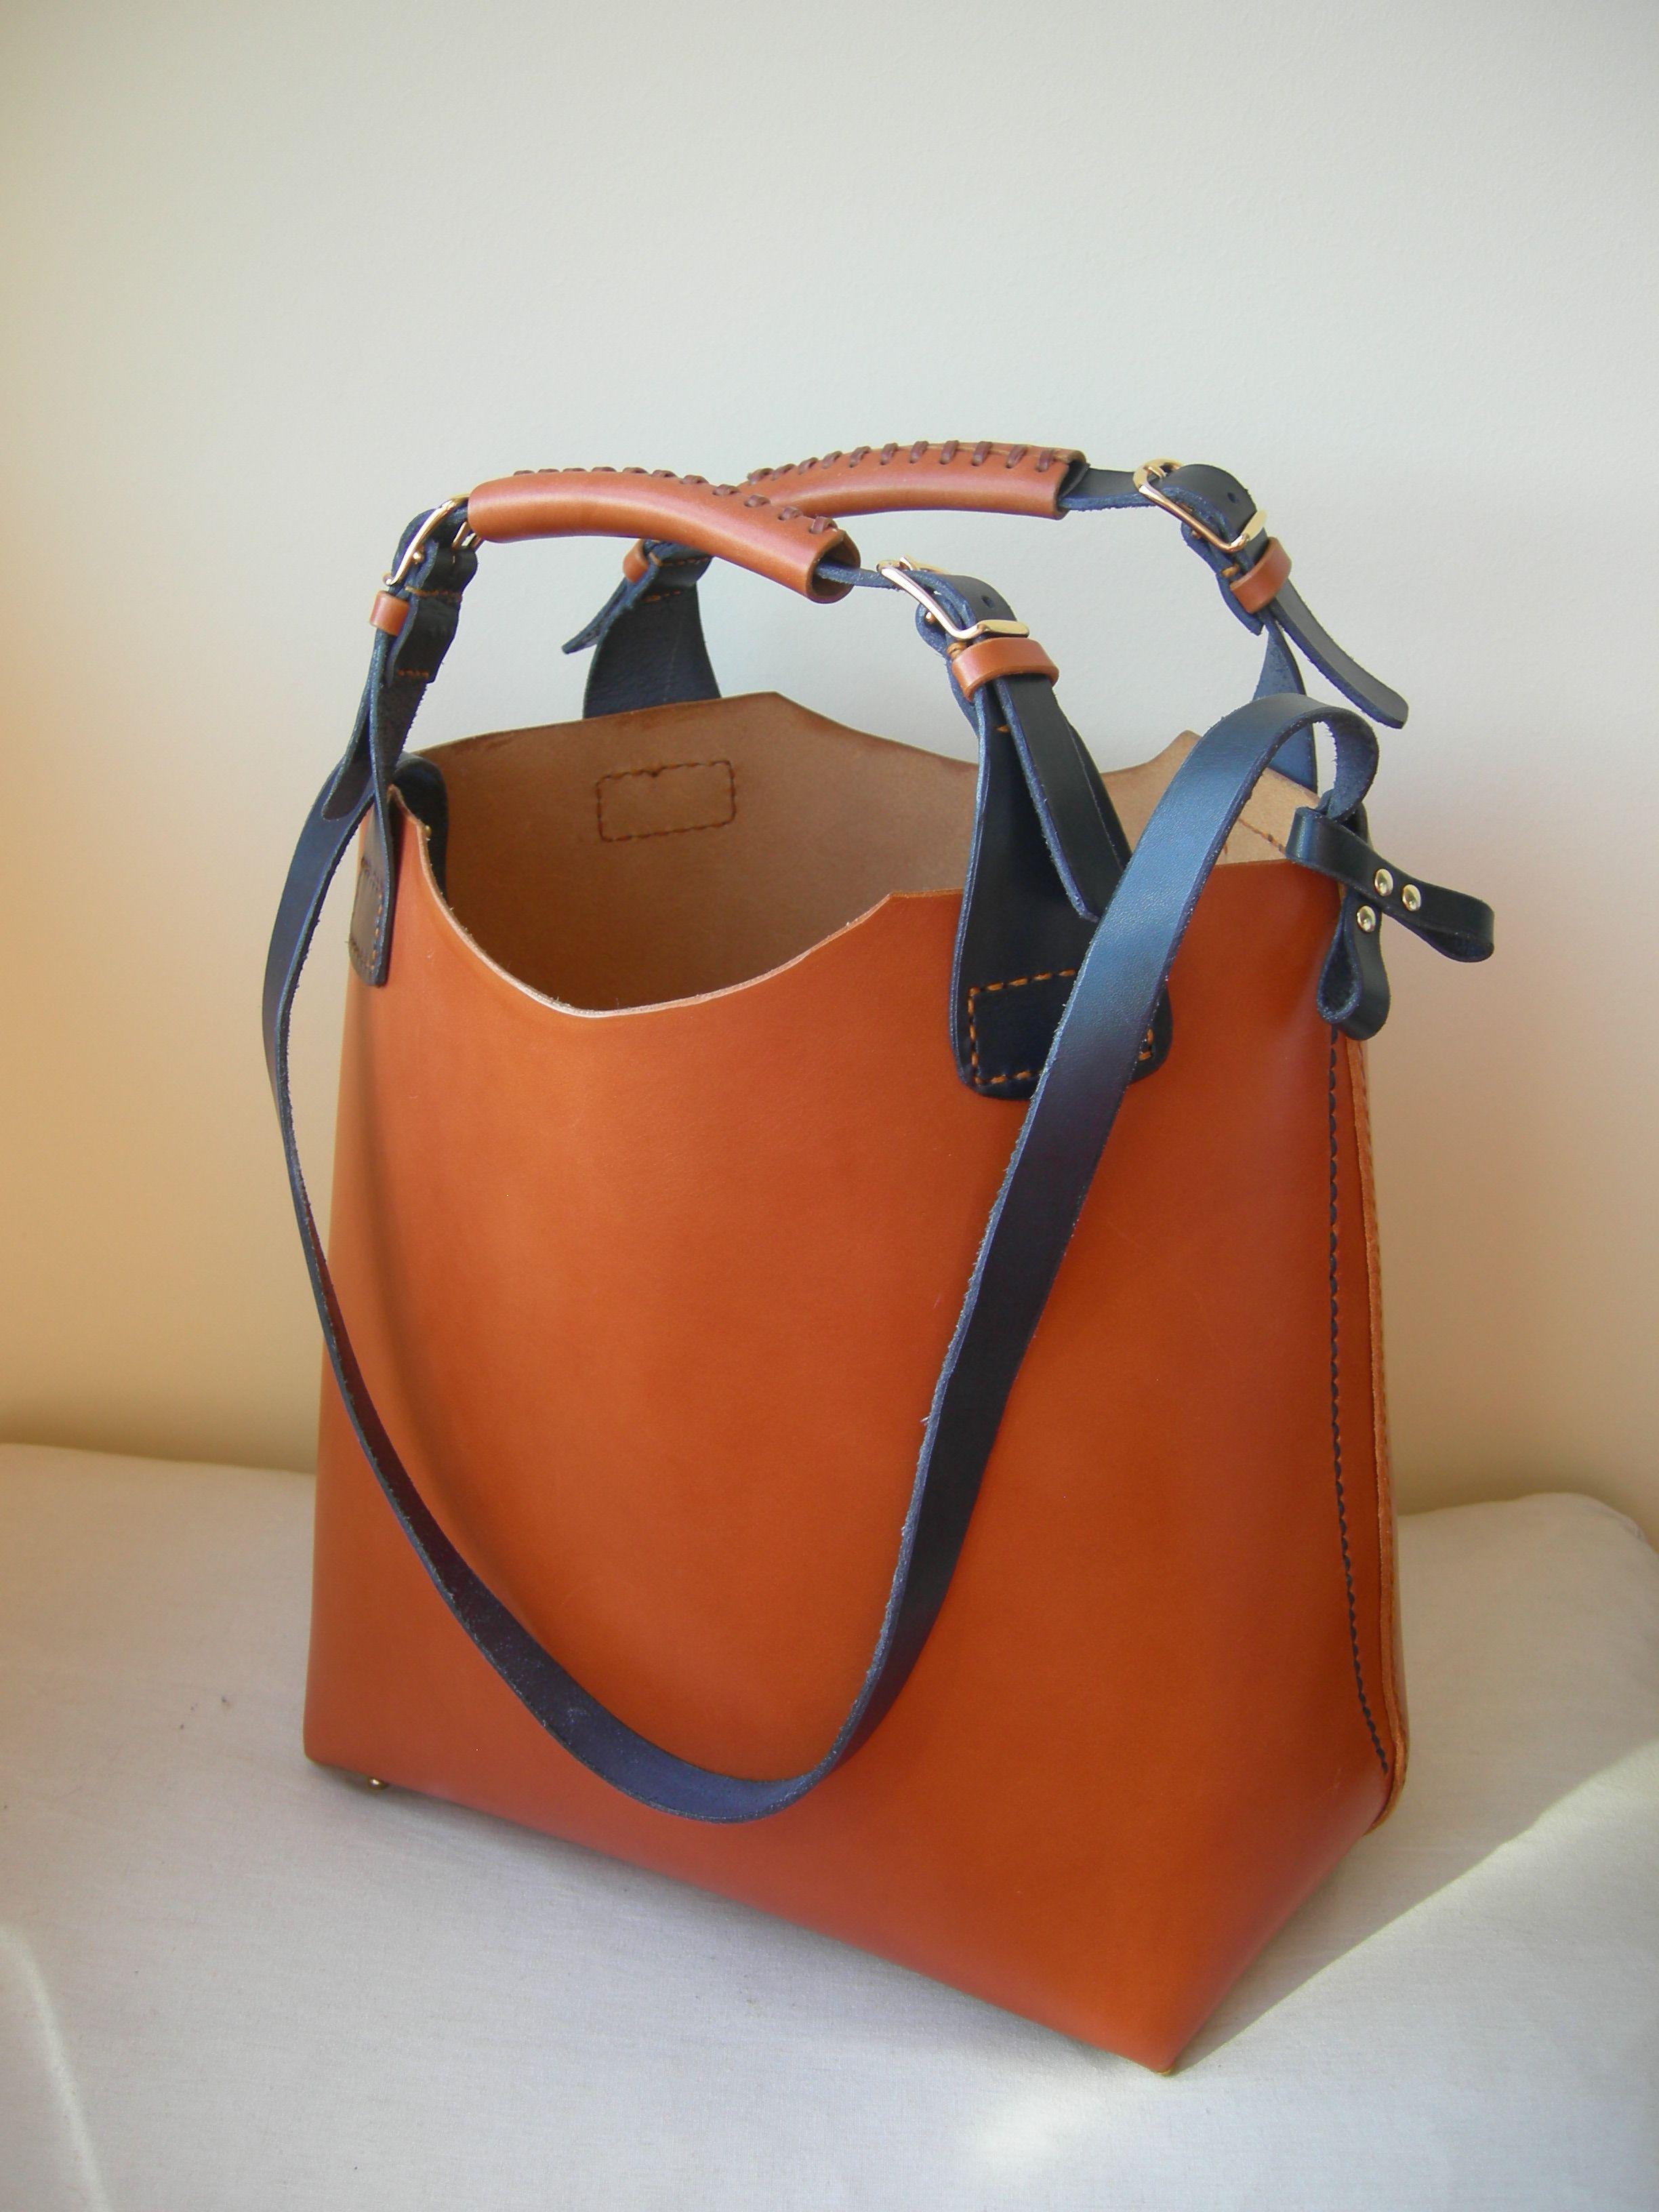 Cuero Más Leather Accessories Handbag